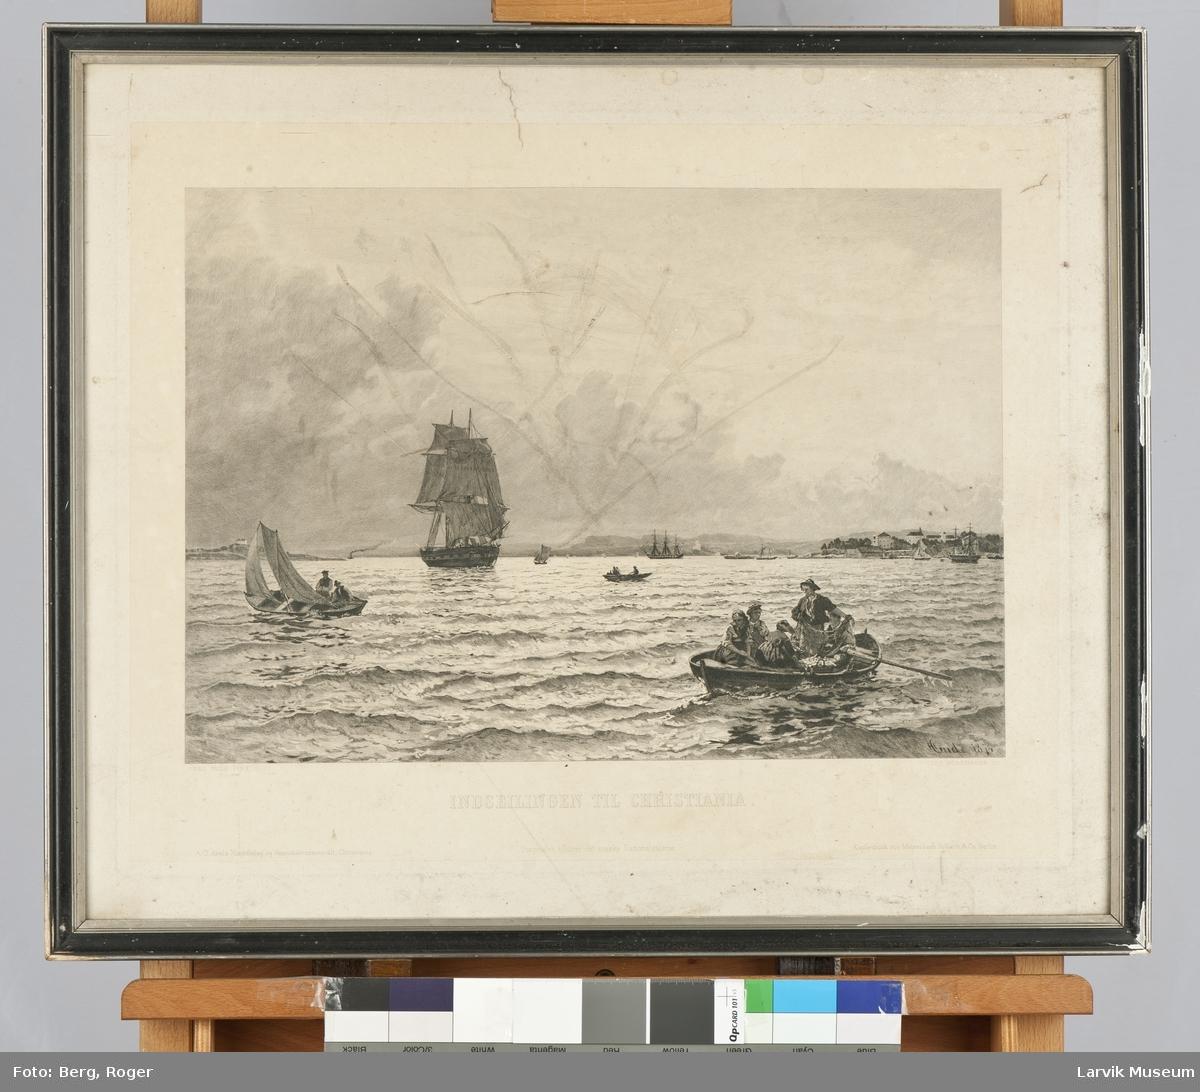 Indseilingen til Christiania. En stor seilskute, en mindre seilbåt, samt noen robåter med folk i.